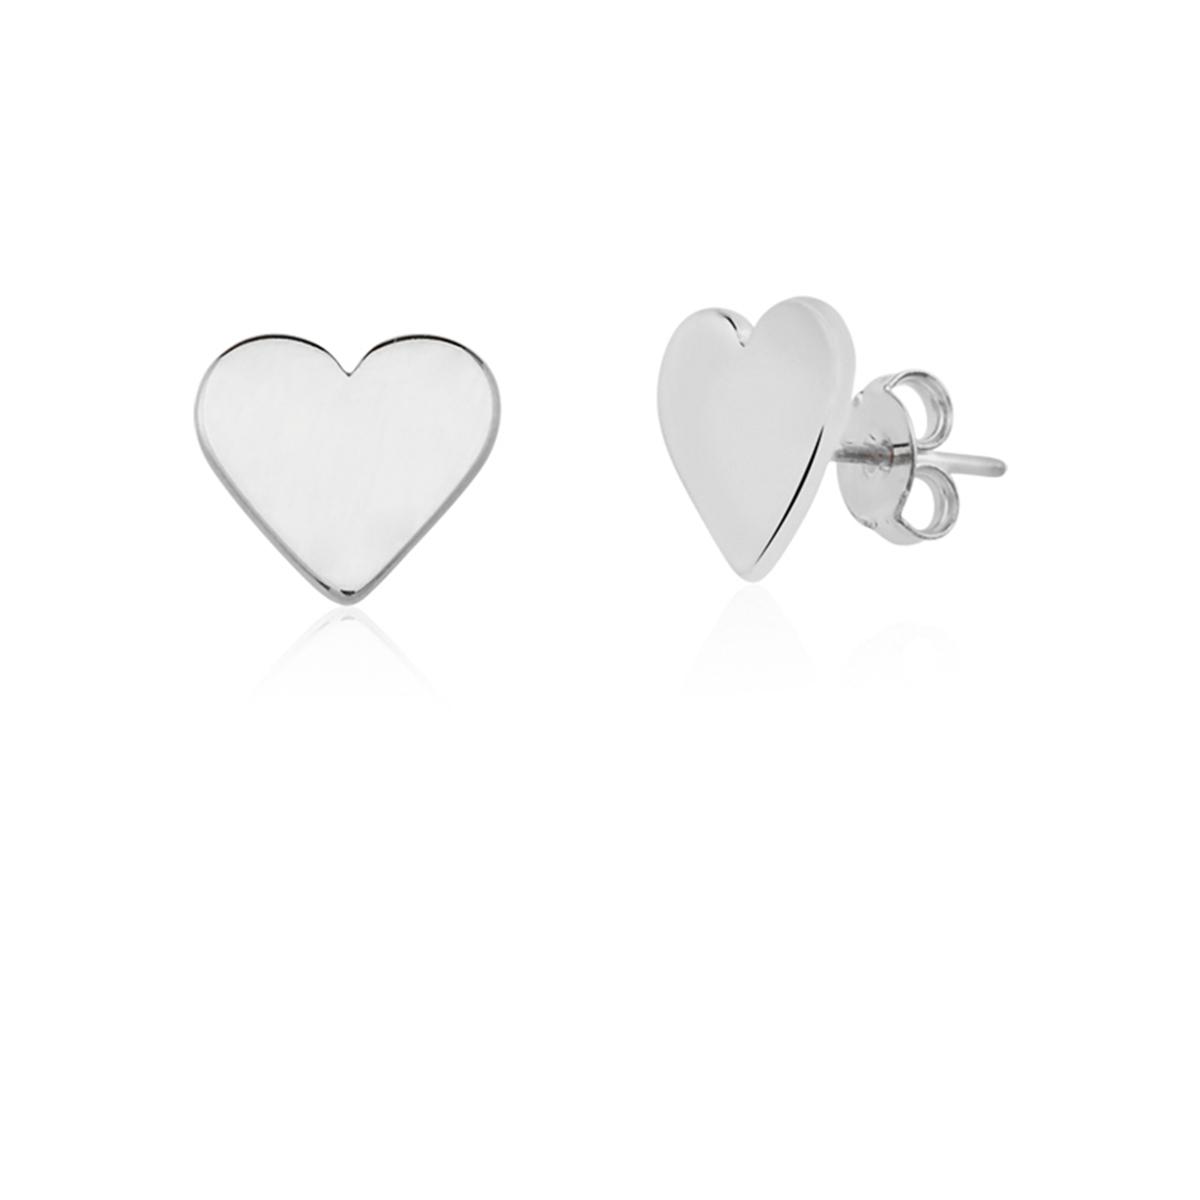 Brinco De Coração Folheado Em Ródio Branco